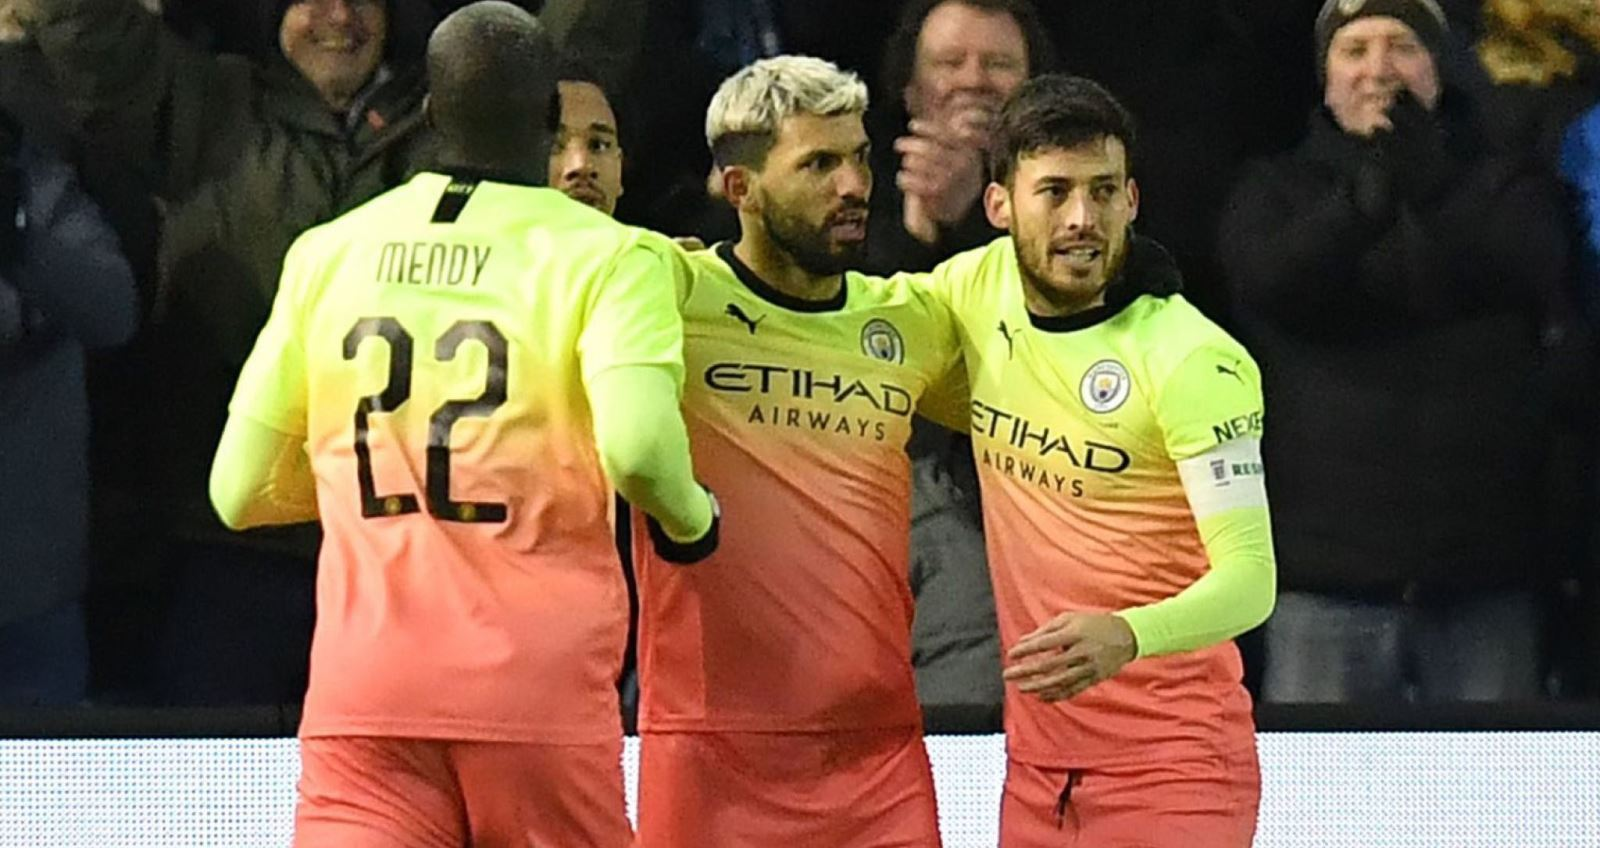 FA Cup, bóng đá, bong da, Tottenham, Arsenal, Man City, Chelsea, Leicester, MU, kết quả bóng đá, bốc thăm FA Cup, lịch thi đấu bóng đá